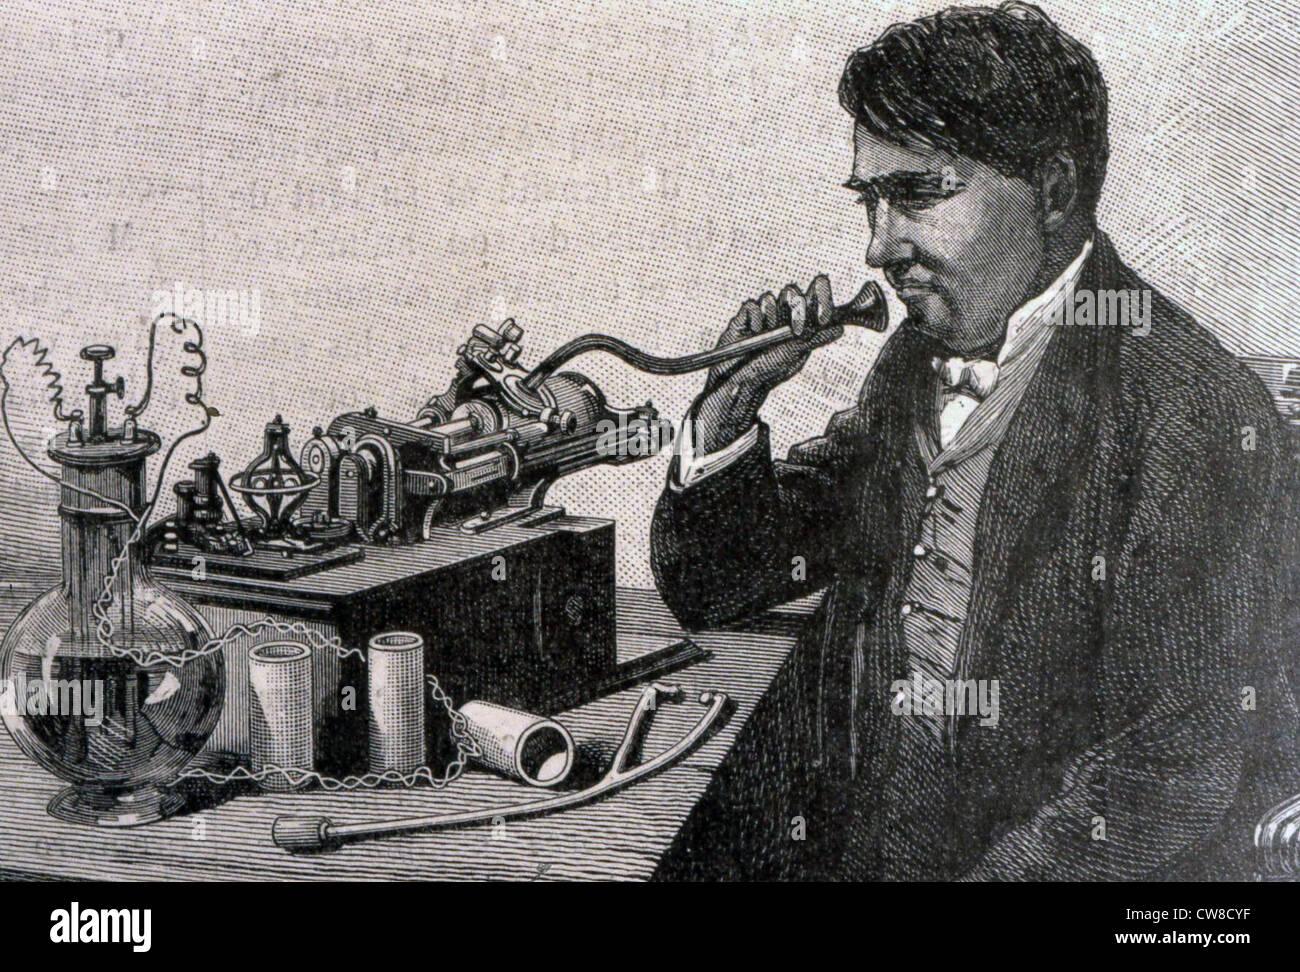 Thomas Edison with his Gramophone Stock Photo, Royalty Free Image ... for Thomas Edison Telegraph  113lpg